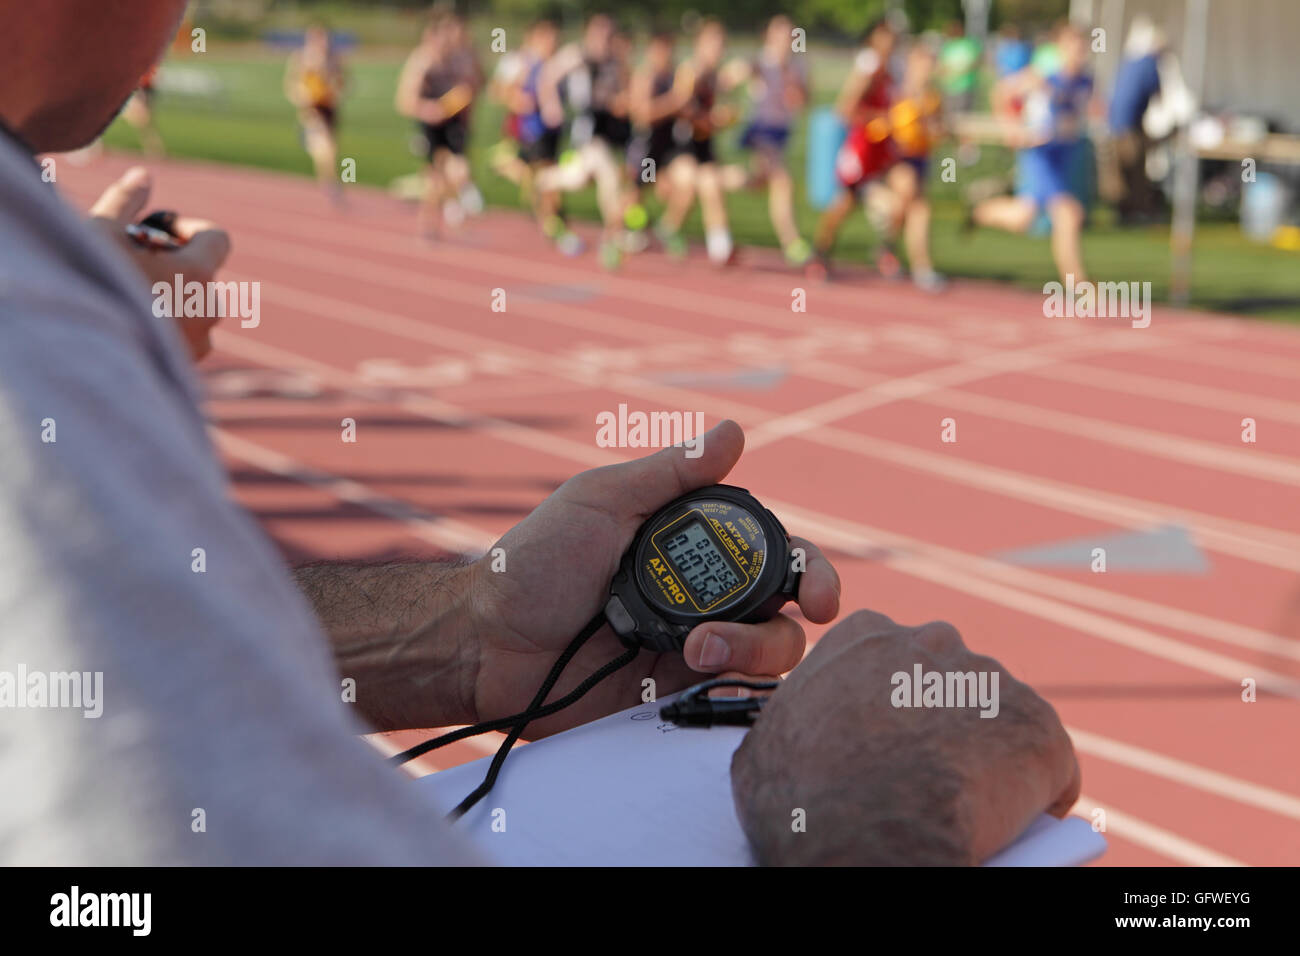 Entrenador en el lateral de una pista de atletismo en White Plains, NY, EE.UU. registra los tiempos de atletas de Imagen De Stock